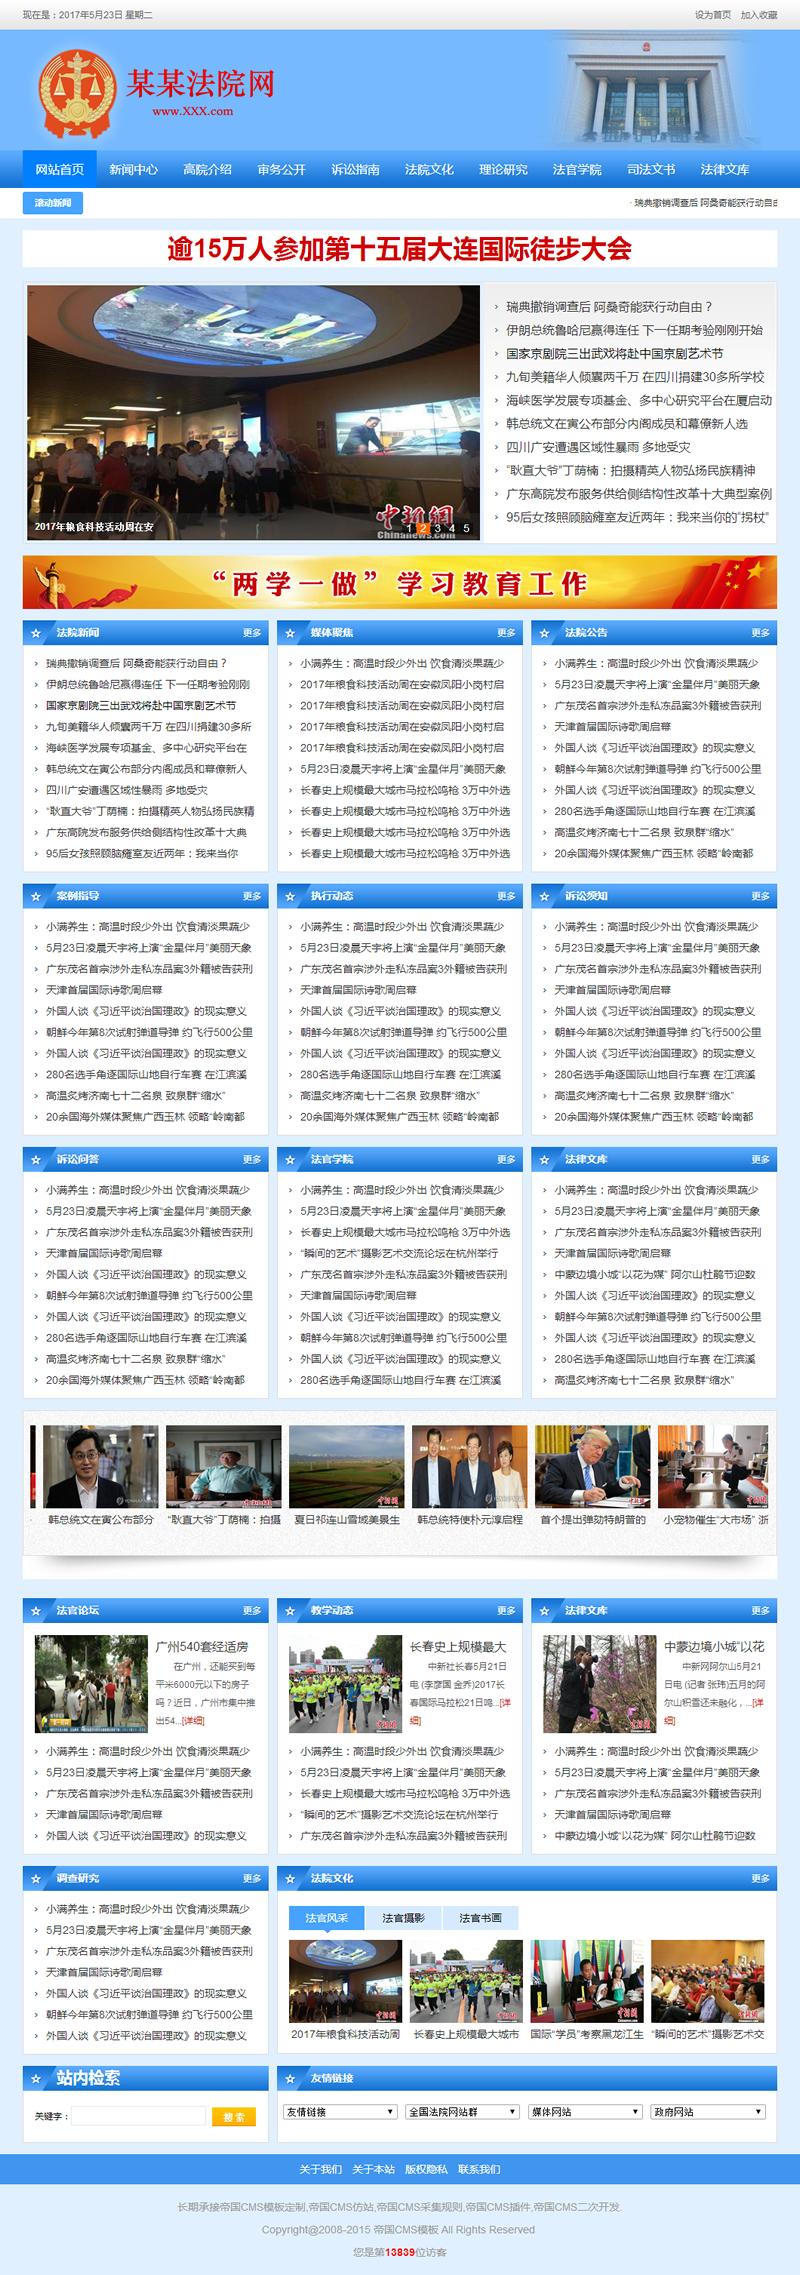 帝国cms法院网站模板之蓝色系政府网站模板_首页模板